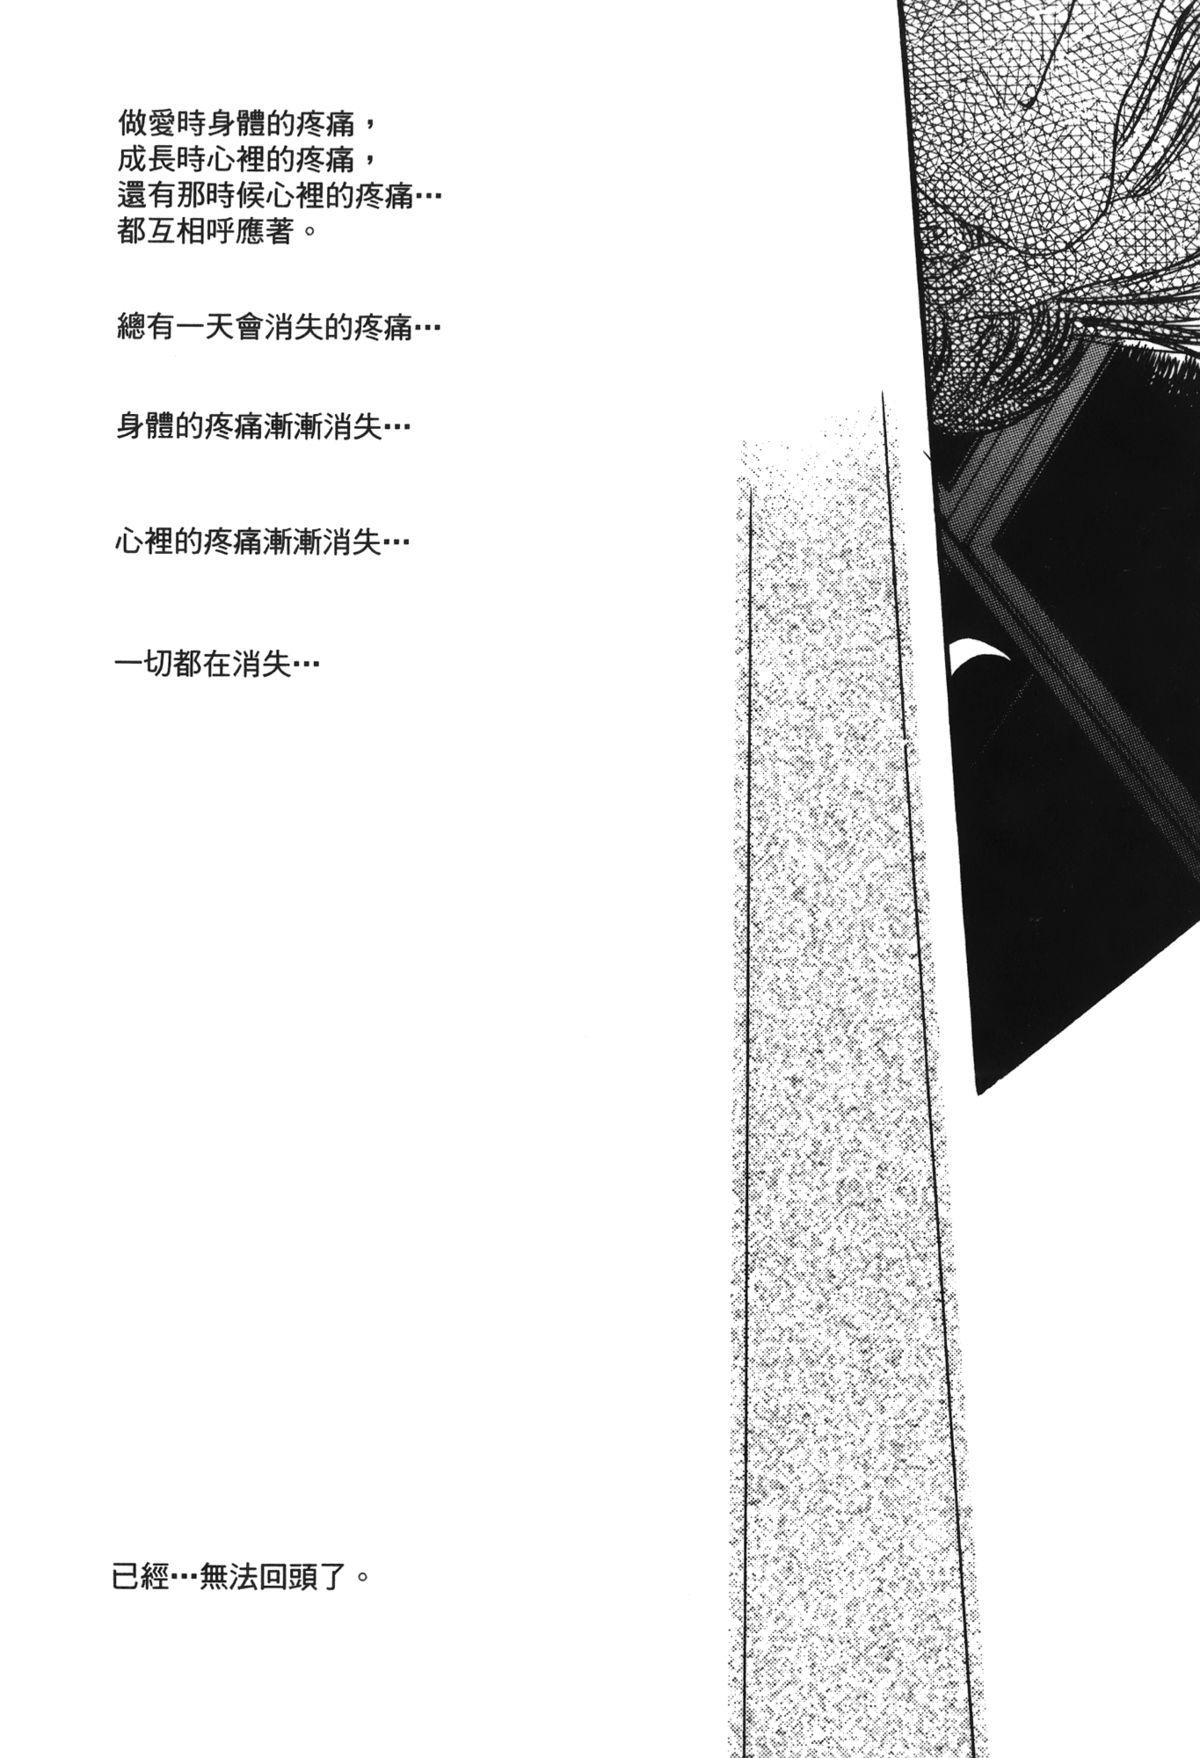 Detective Assistant Vol. 13 156